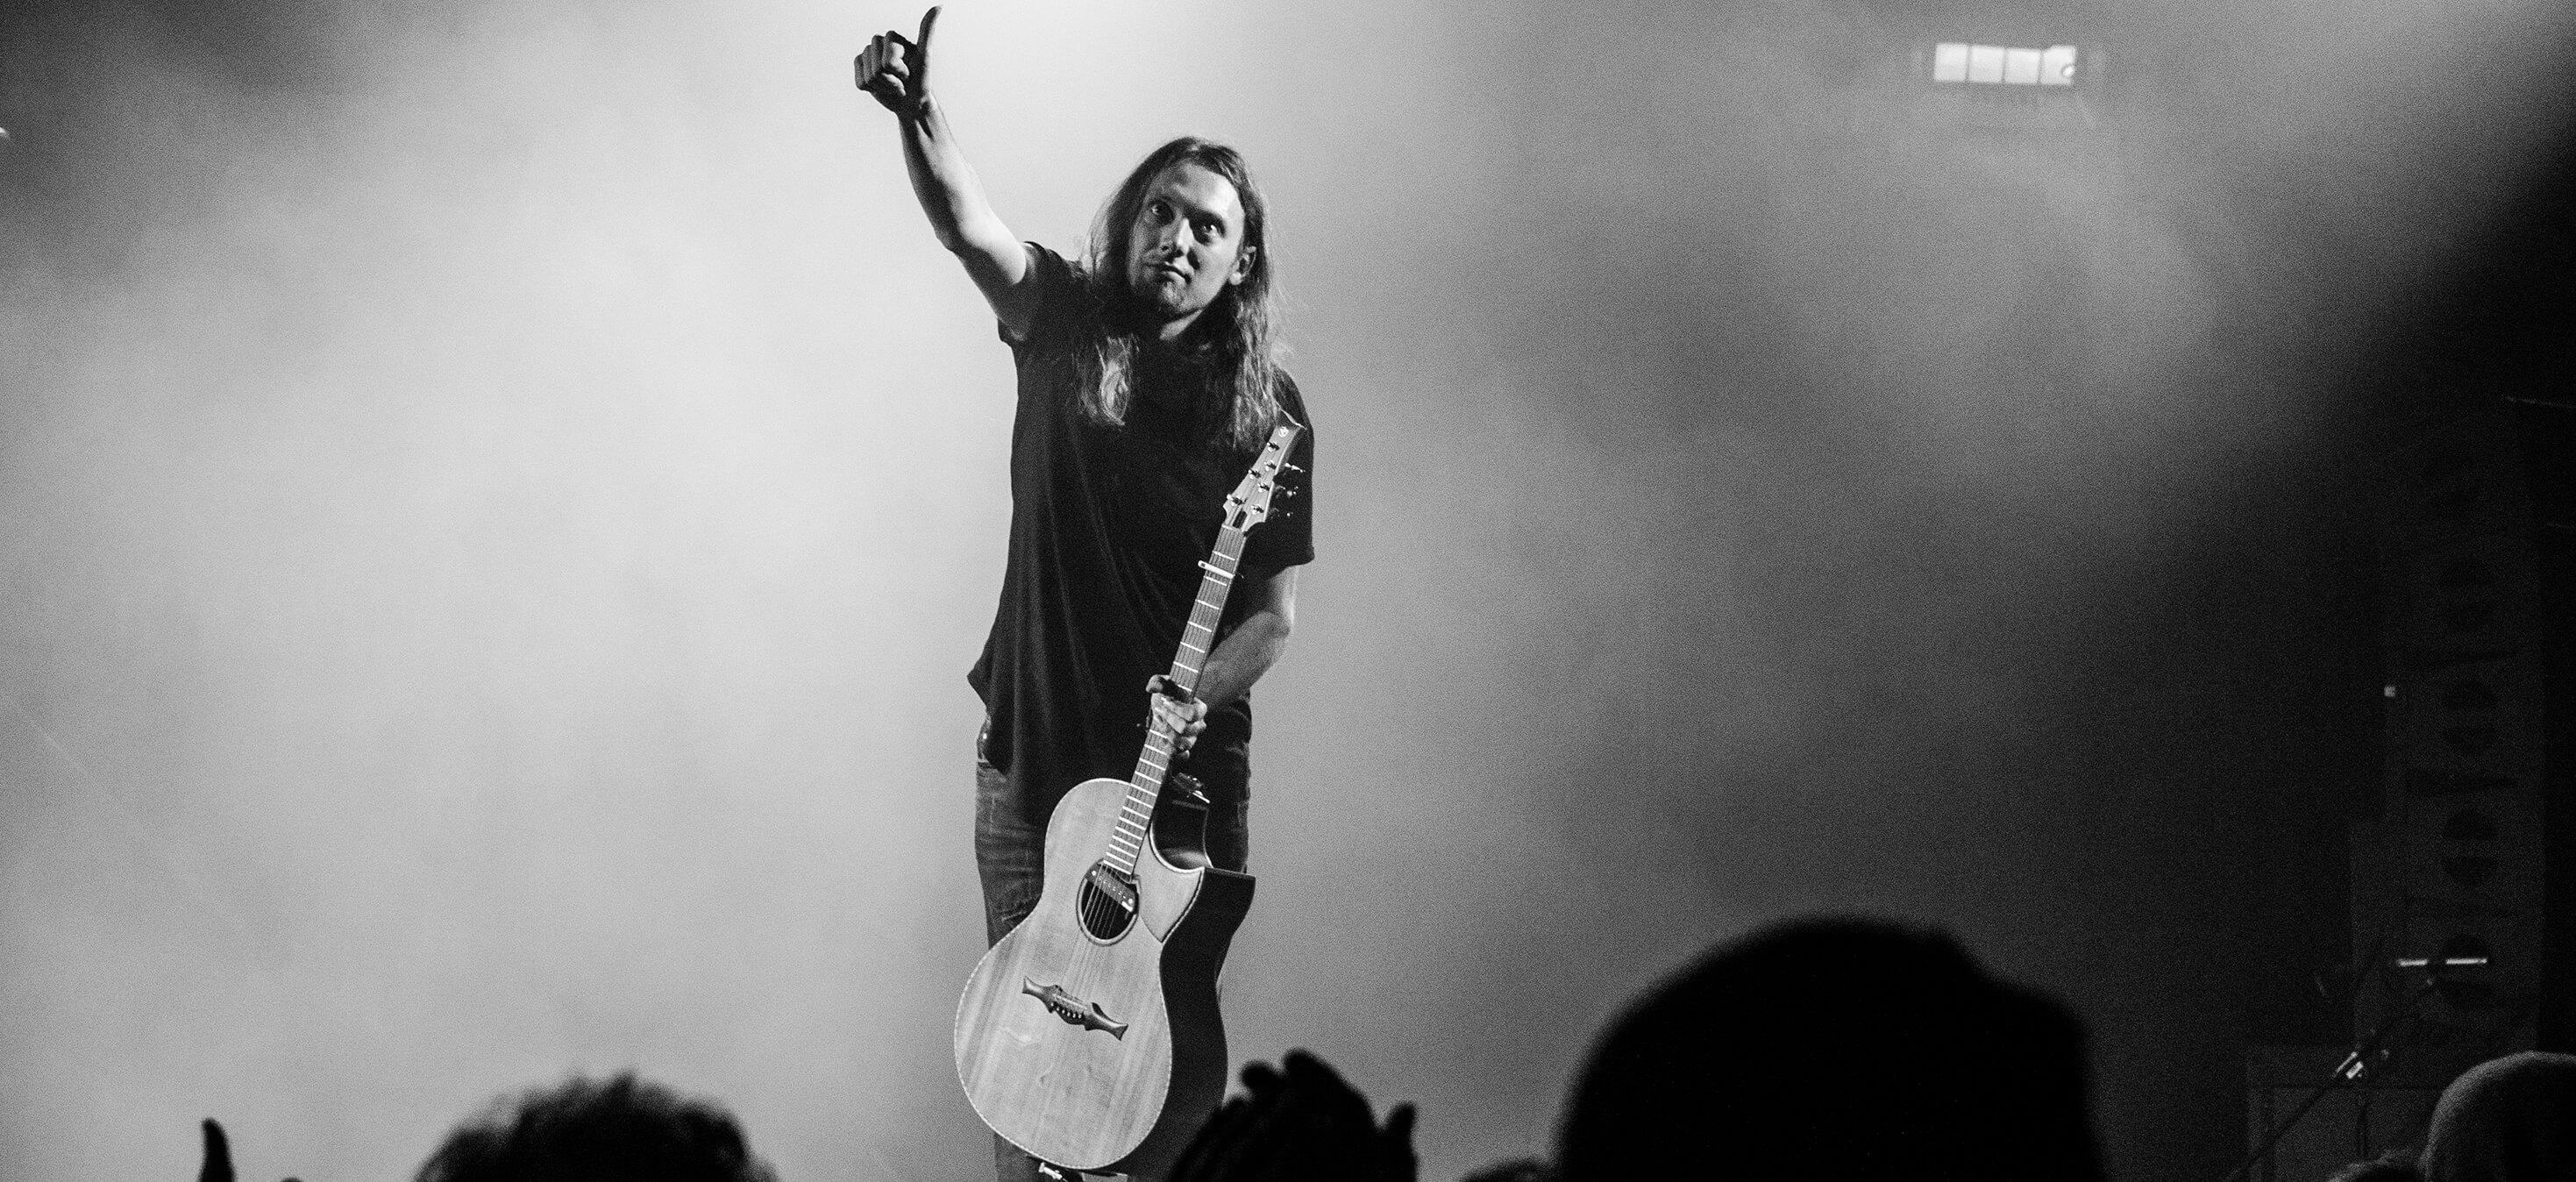 Mike Dawes, que foi citado a pouco falando sobre as cordas D'Addario XS, em apresentação ao vivo com seu violão saudando o público.